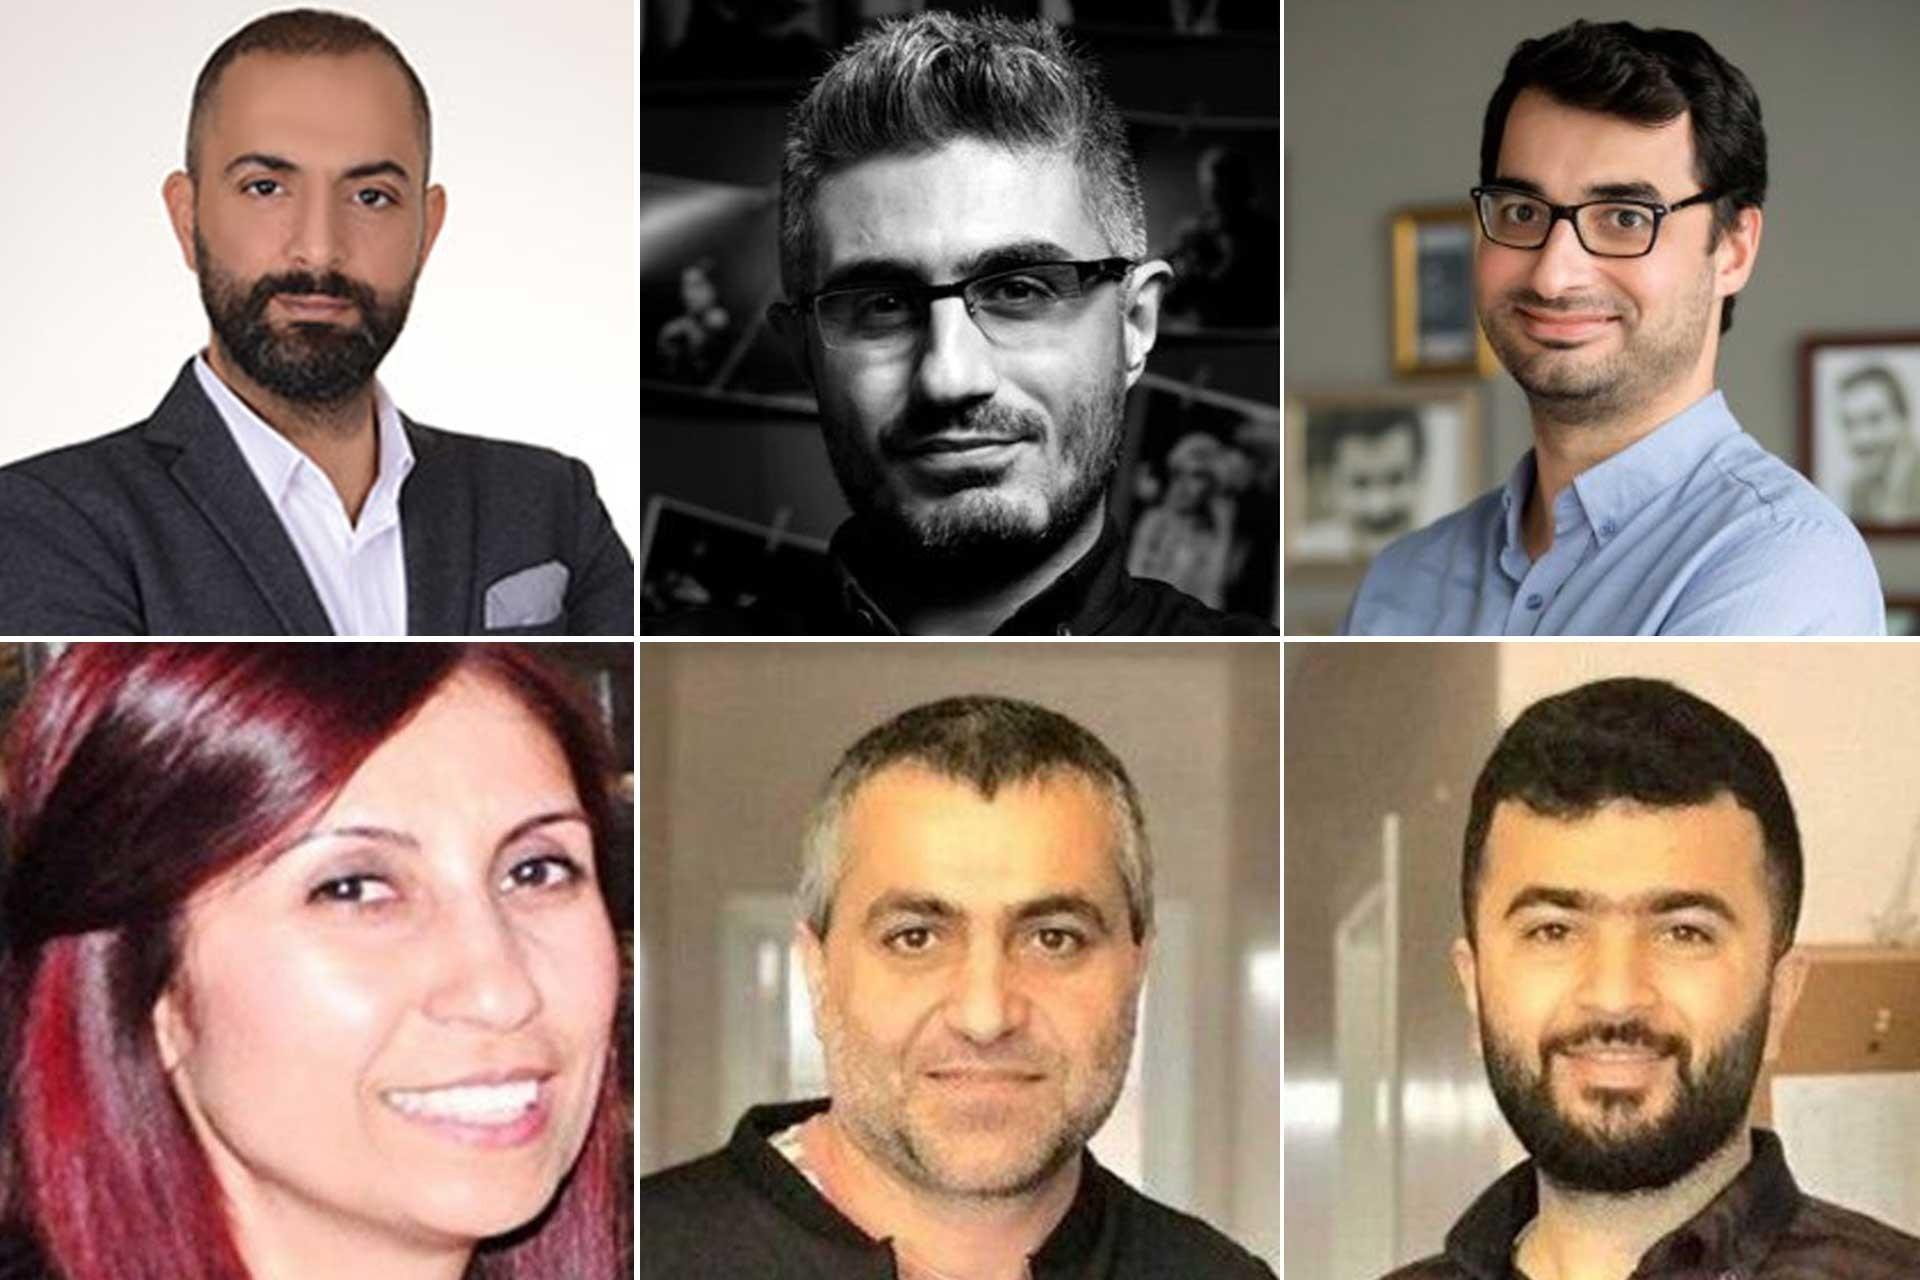 Ferhat Çelik, Aydın Keser, Barış Pehlivan, Barış Terkoğlu, Hülya Kılınç ve Murat Ağırel